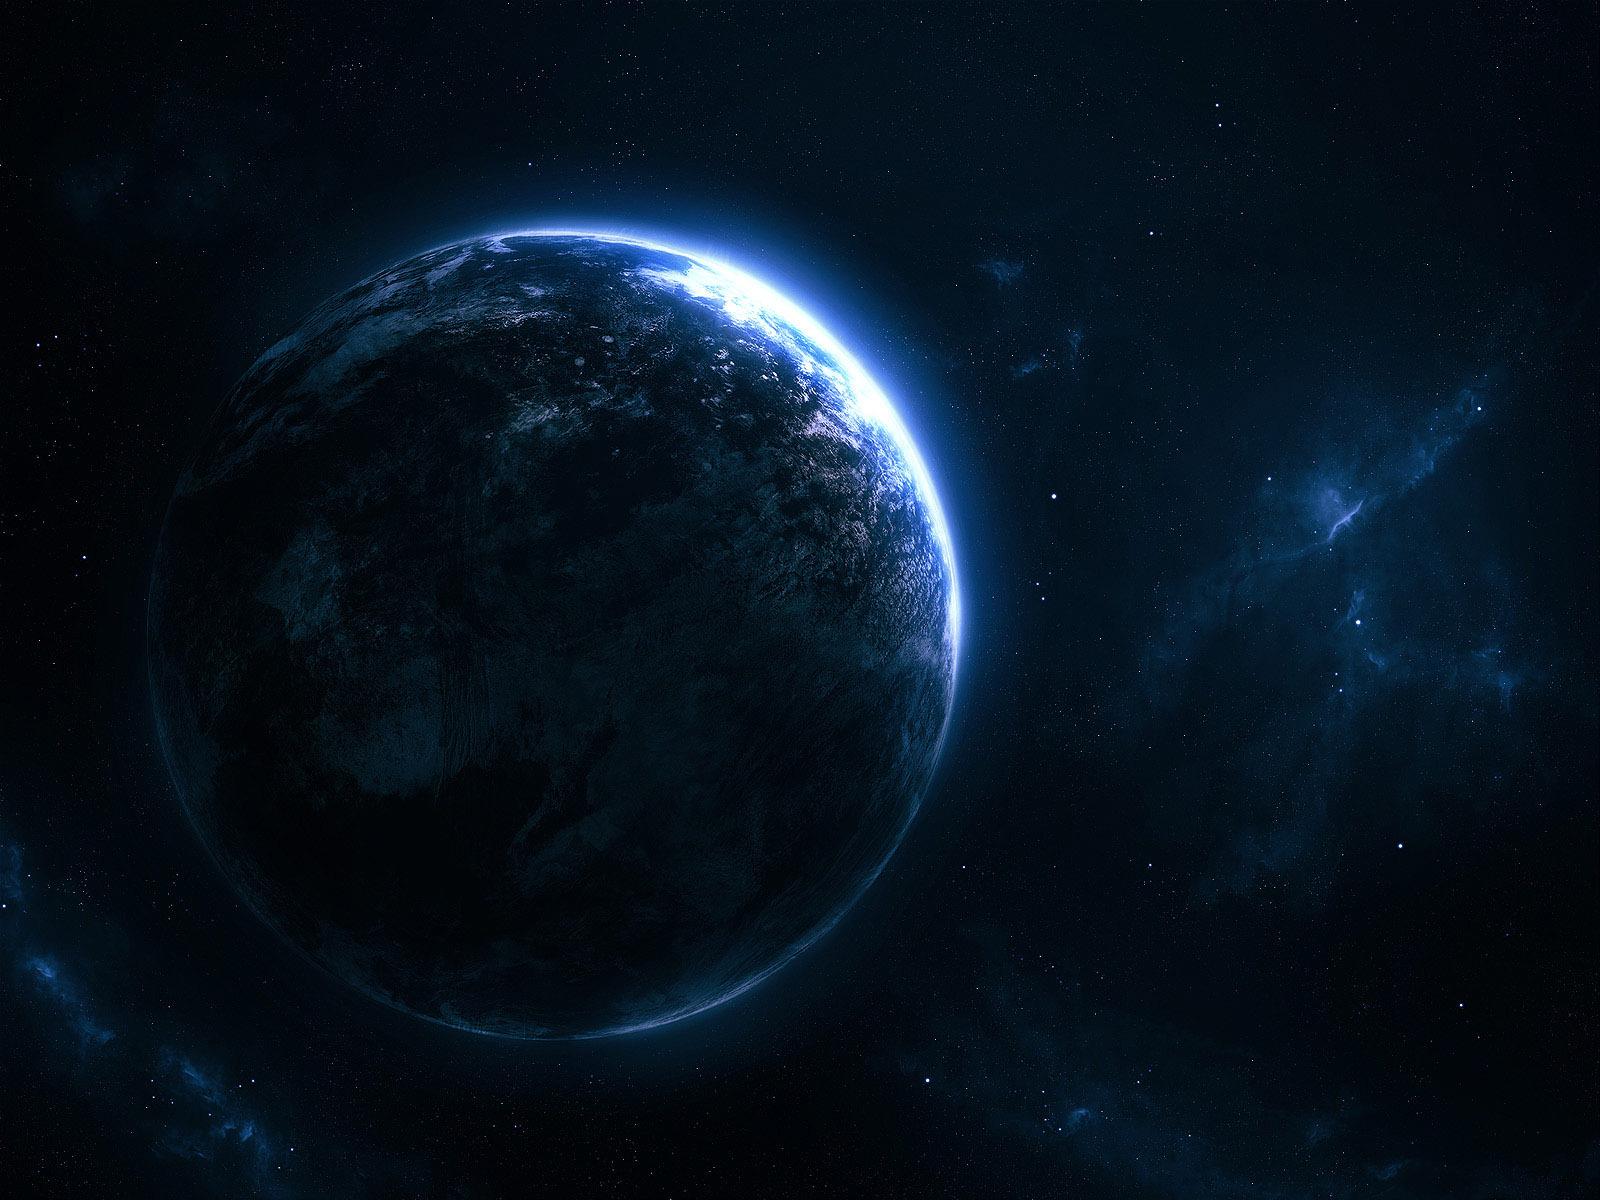 12238 скачать обои Пейзаж, Планеты, Космос - заставки и картинки бесплатно